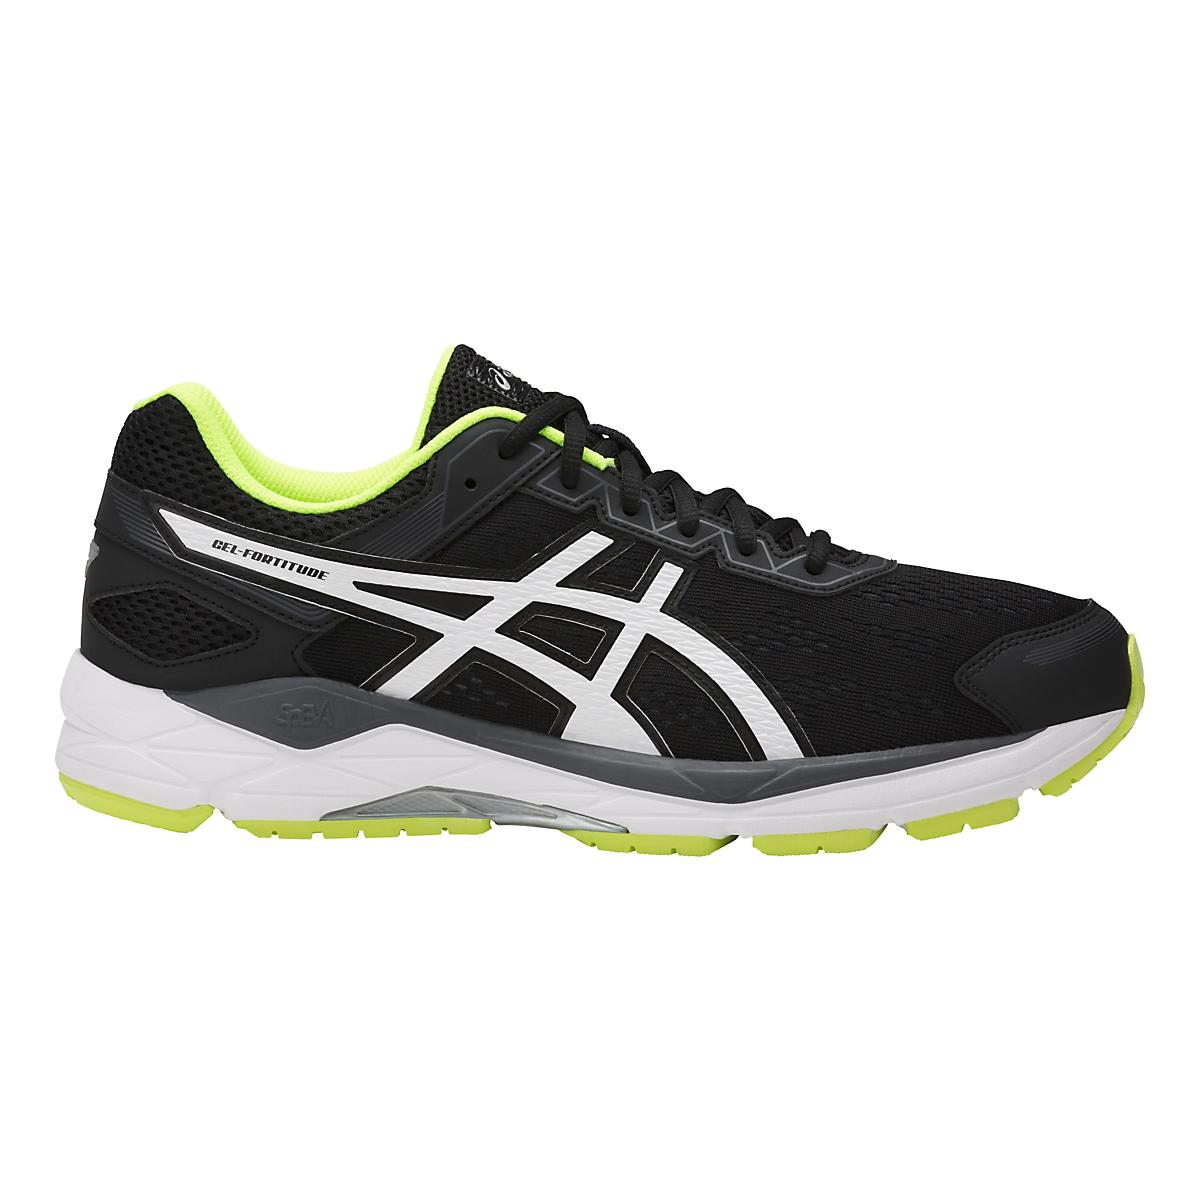 Chaussure Road de course pour à Sports pied ASICS GEL Fortitude 7 pour homme chez Road Runner Sports 37ca4df - wisespend.website